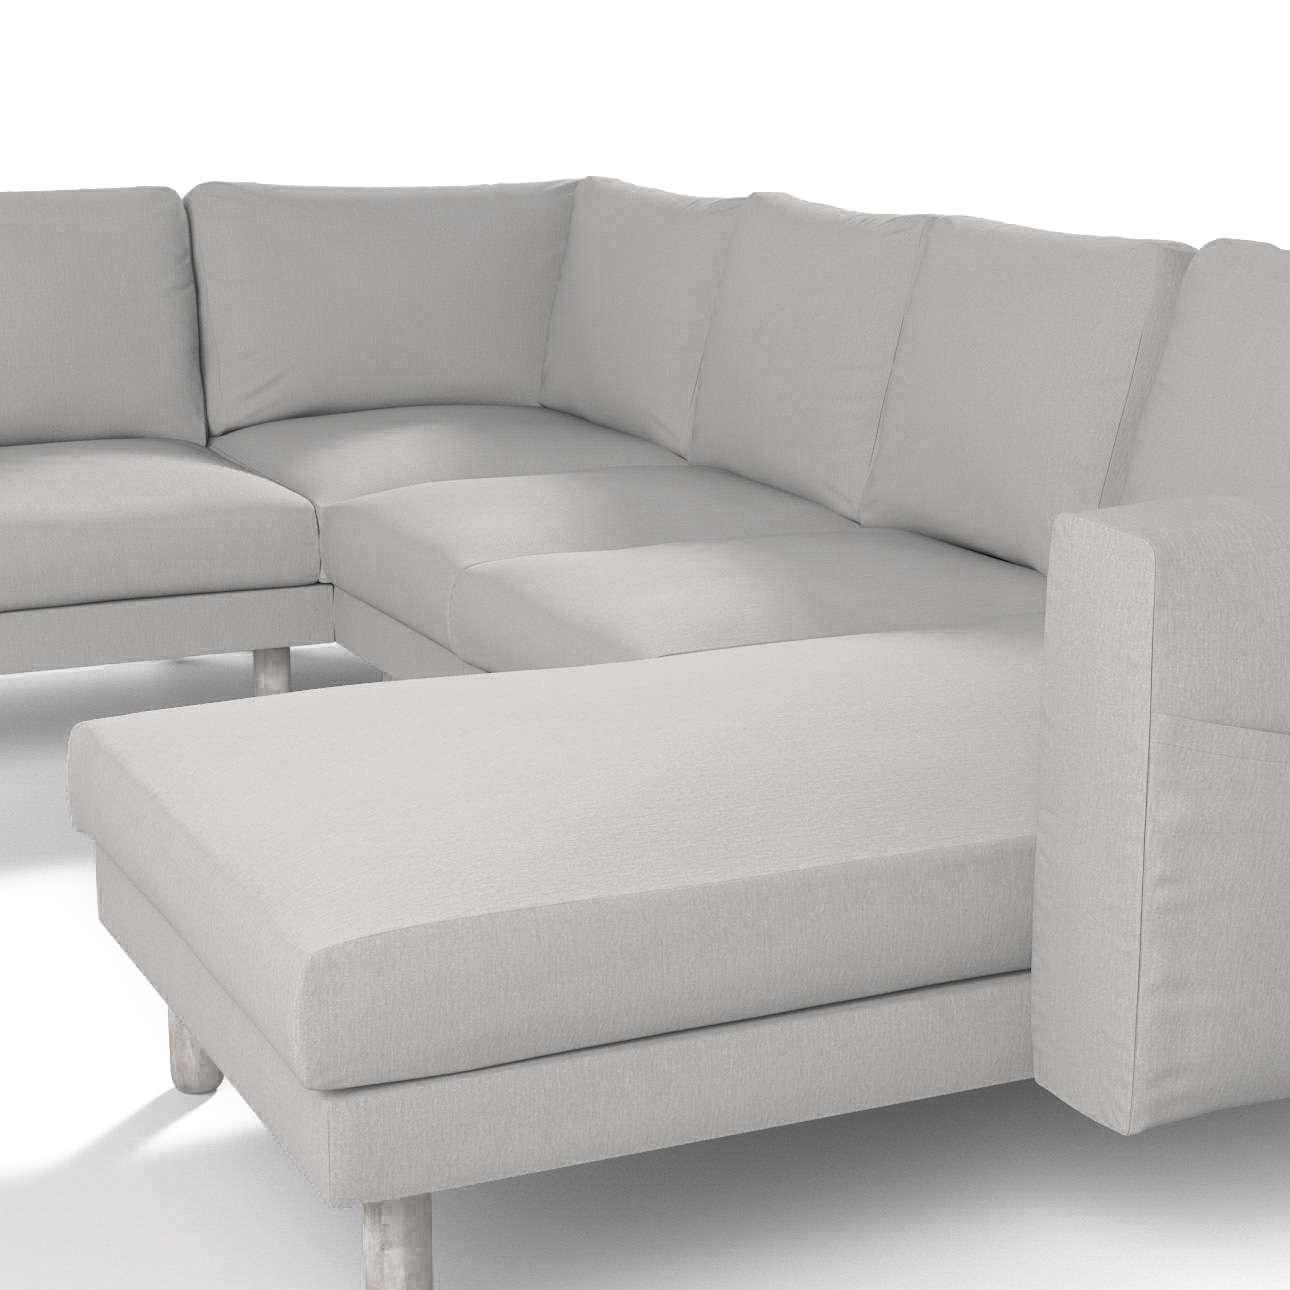 Pokrowiec na sofę narożną Norsborg 5-osobową z szezlongiem w kolekcji Chenille, tkanina: 702-23